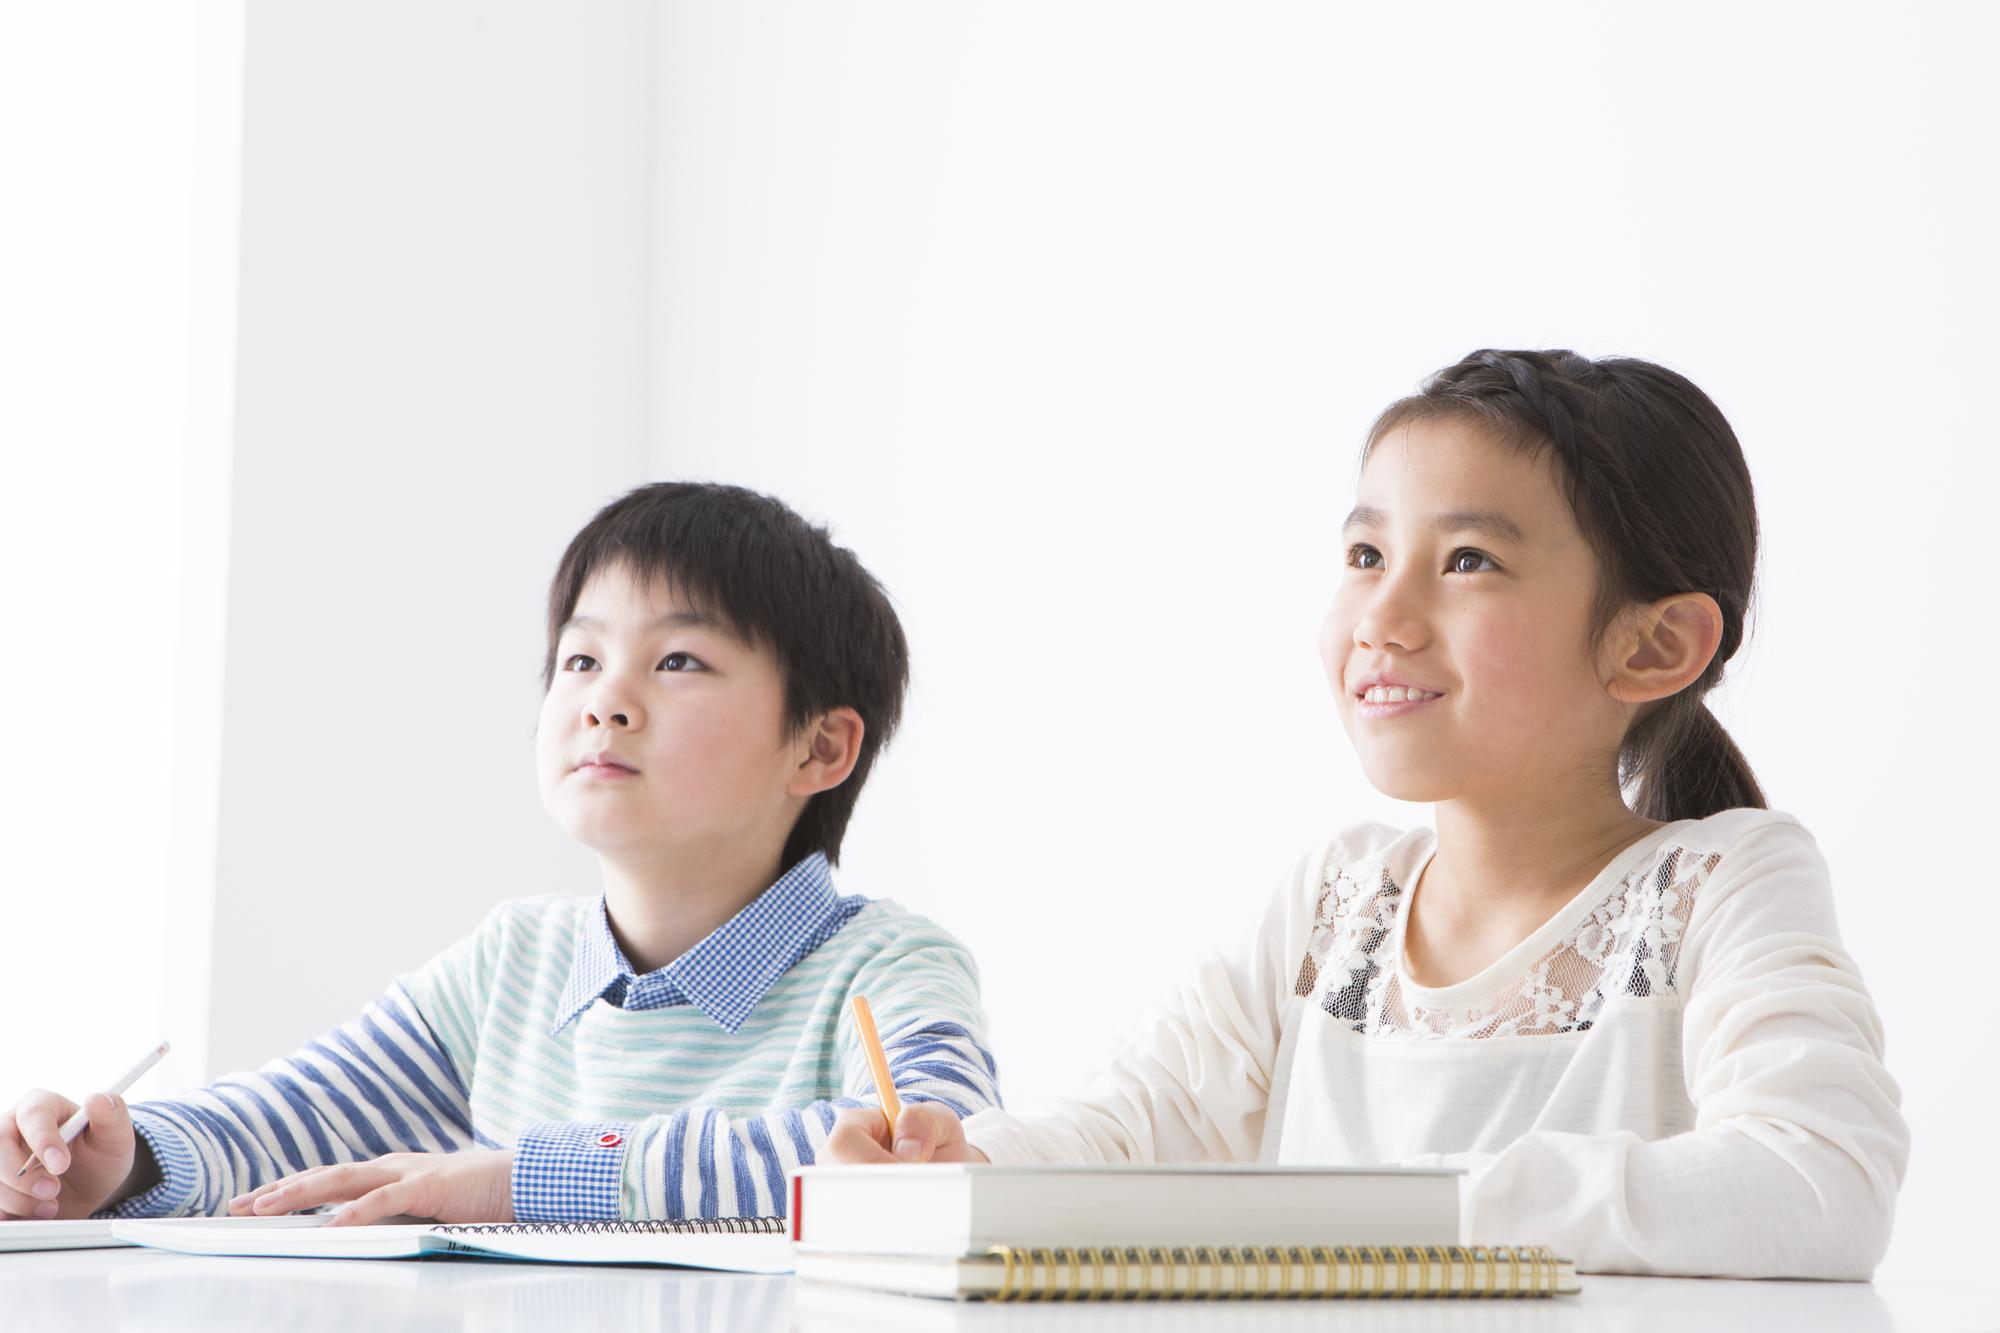 小学生のお子さんの学力を向上させるために一番大切なこと。